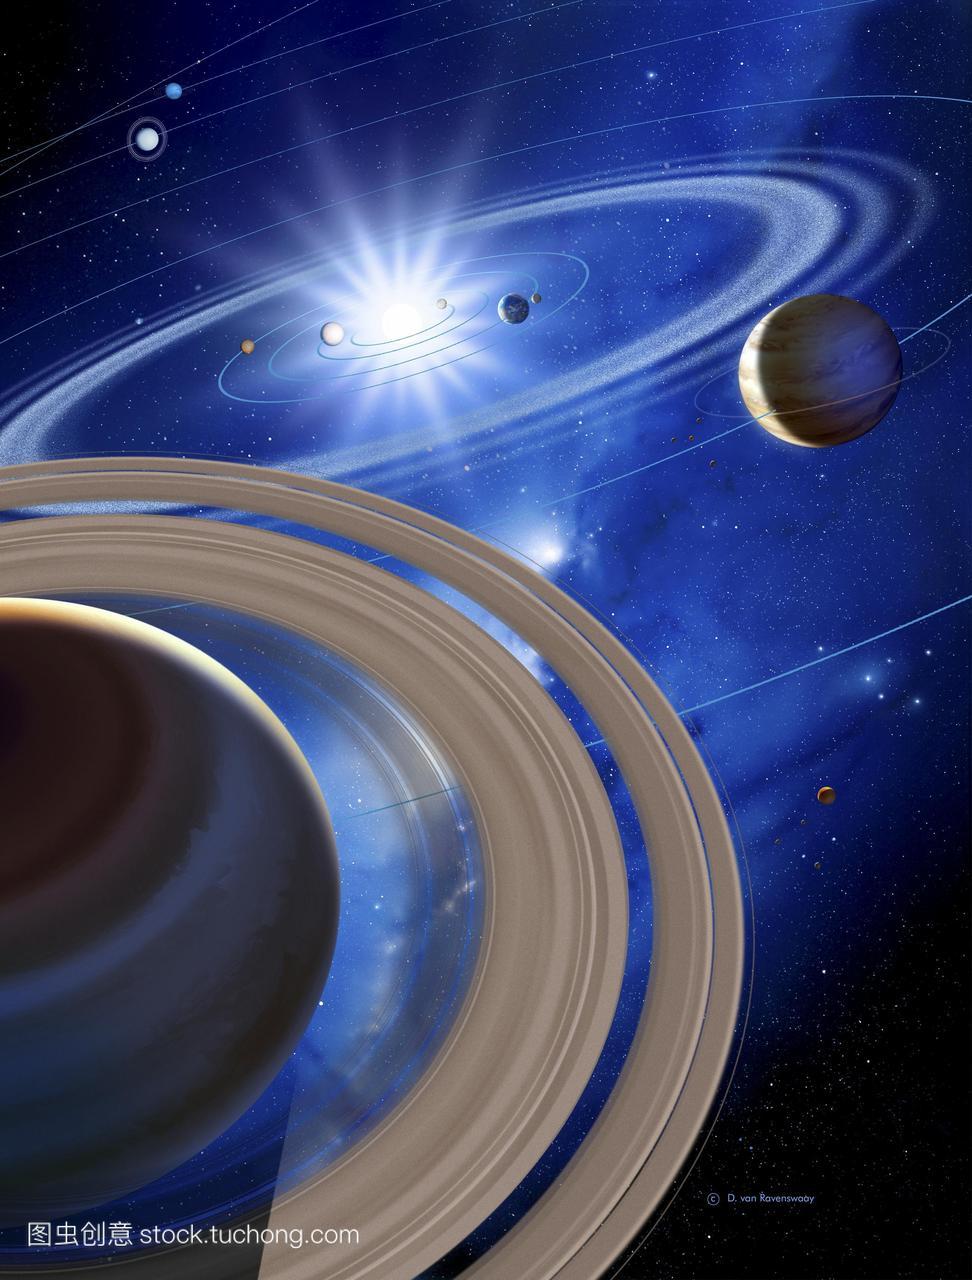 太阳系。艺术品的九个行星绕太阳公转上部中心